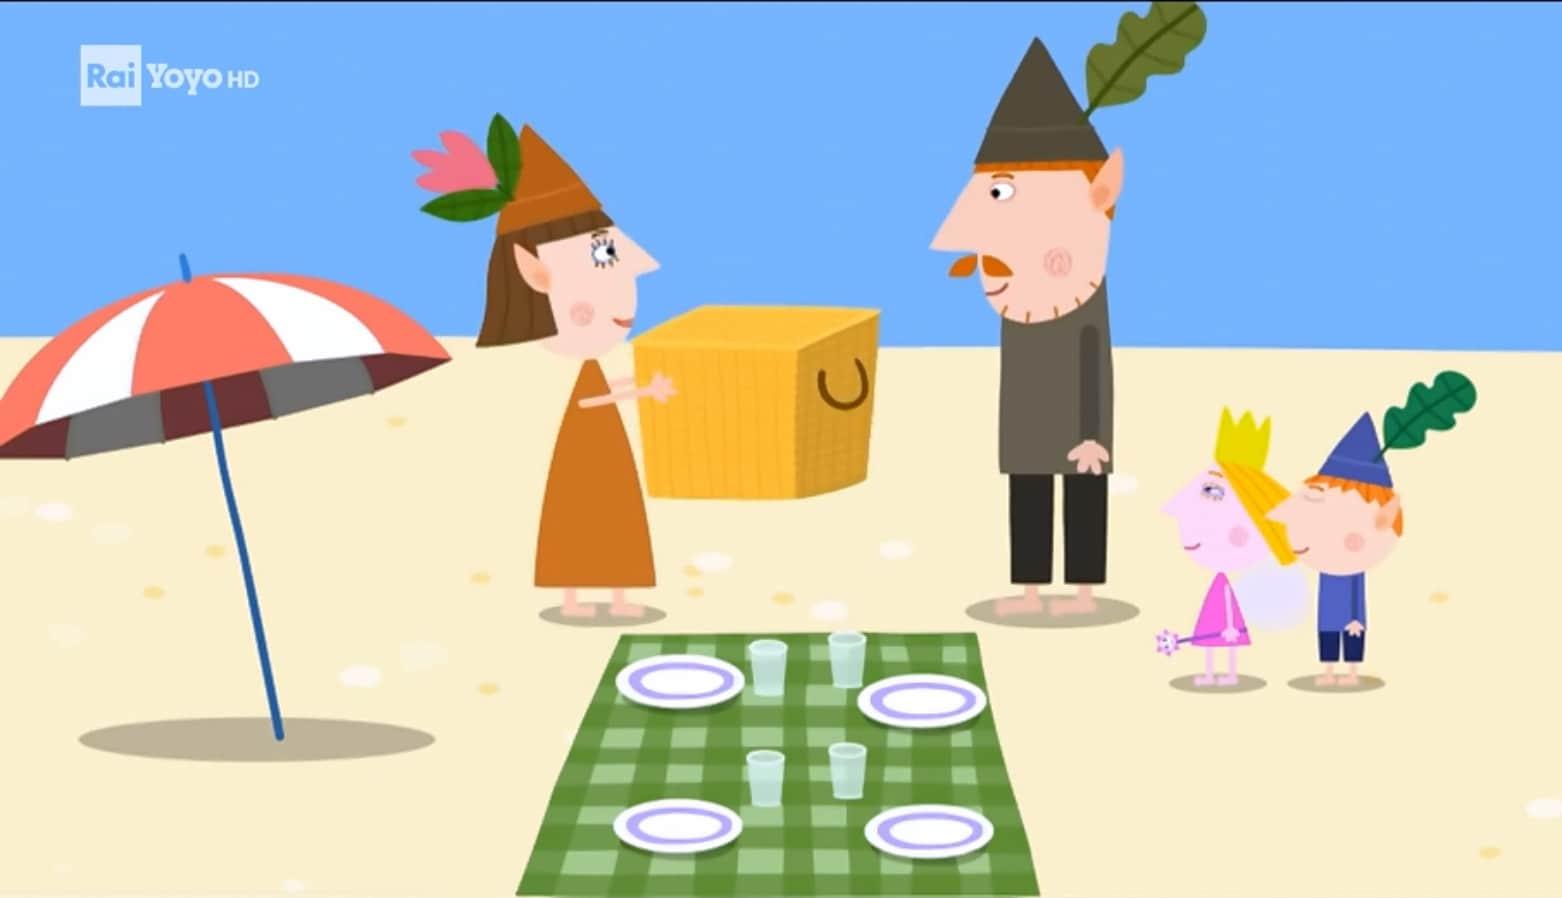 Rai Yoyo Il piccolo regno di Ben e Holly - S1E22 - Gita al mare